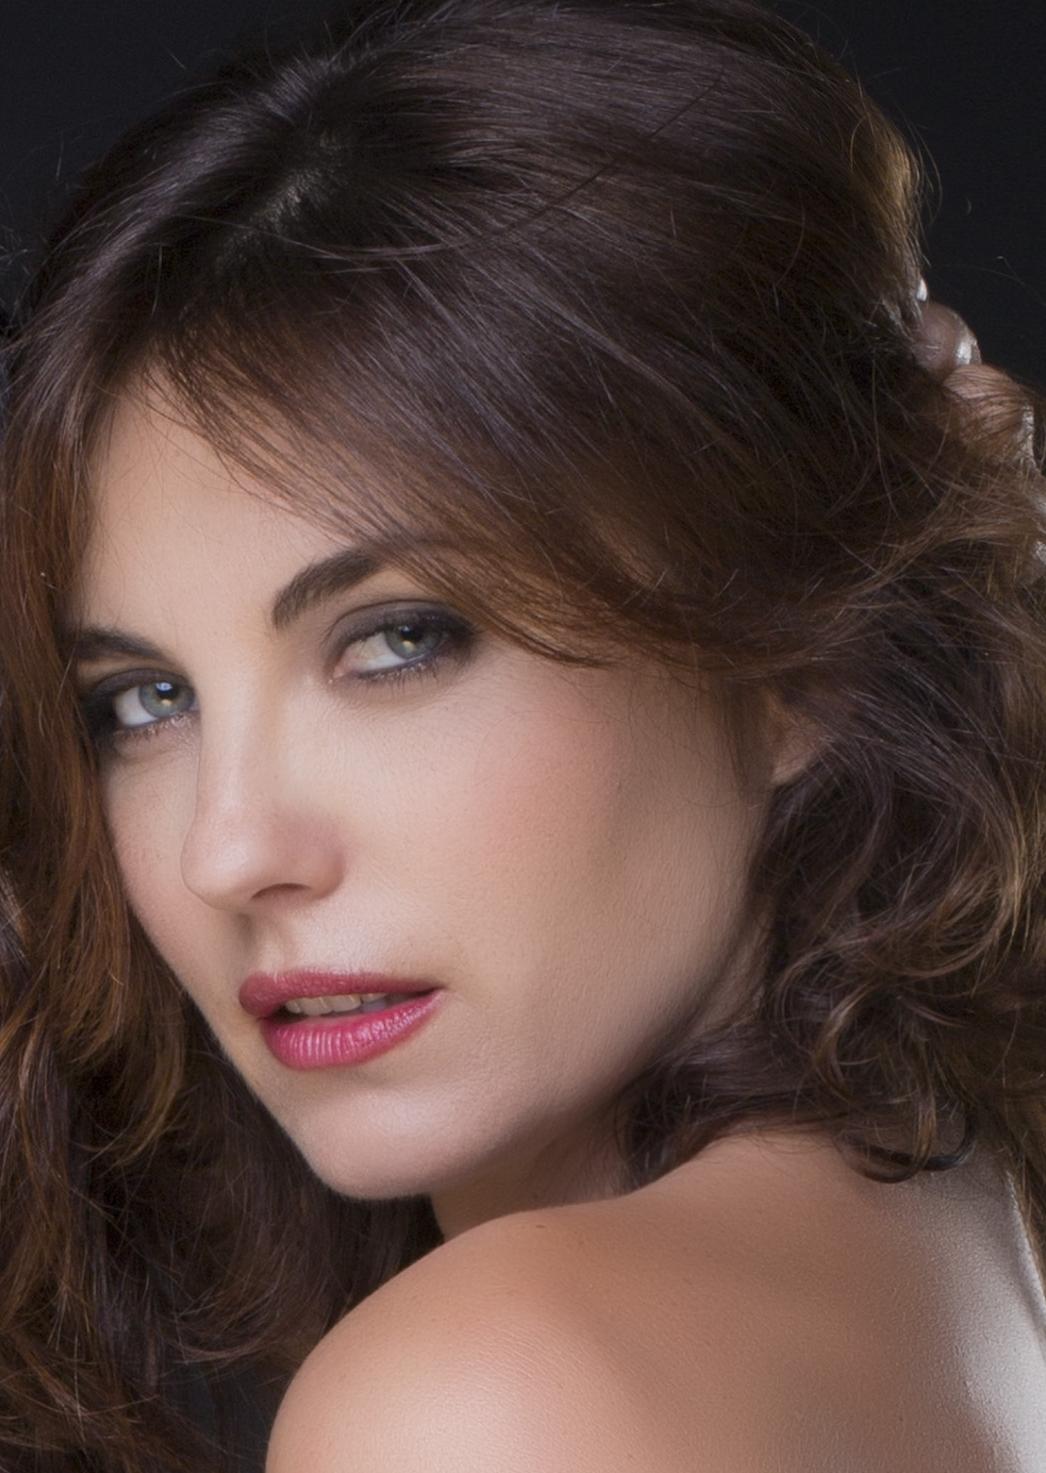 din - Poze Actor Gravina Poza Vanessa - 26 CineMagia.ro - 16